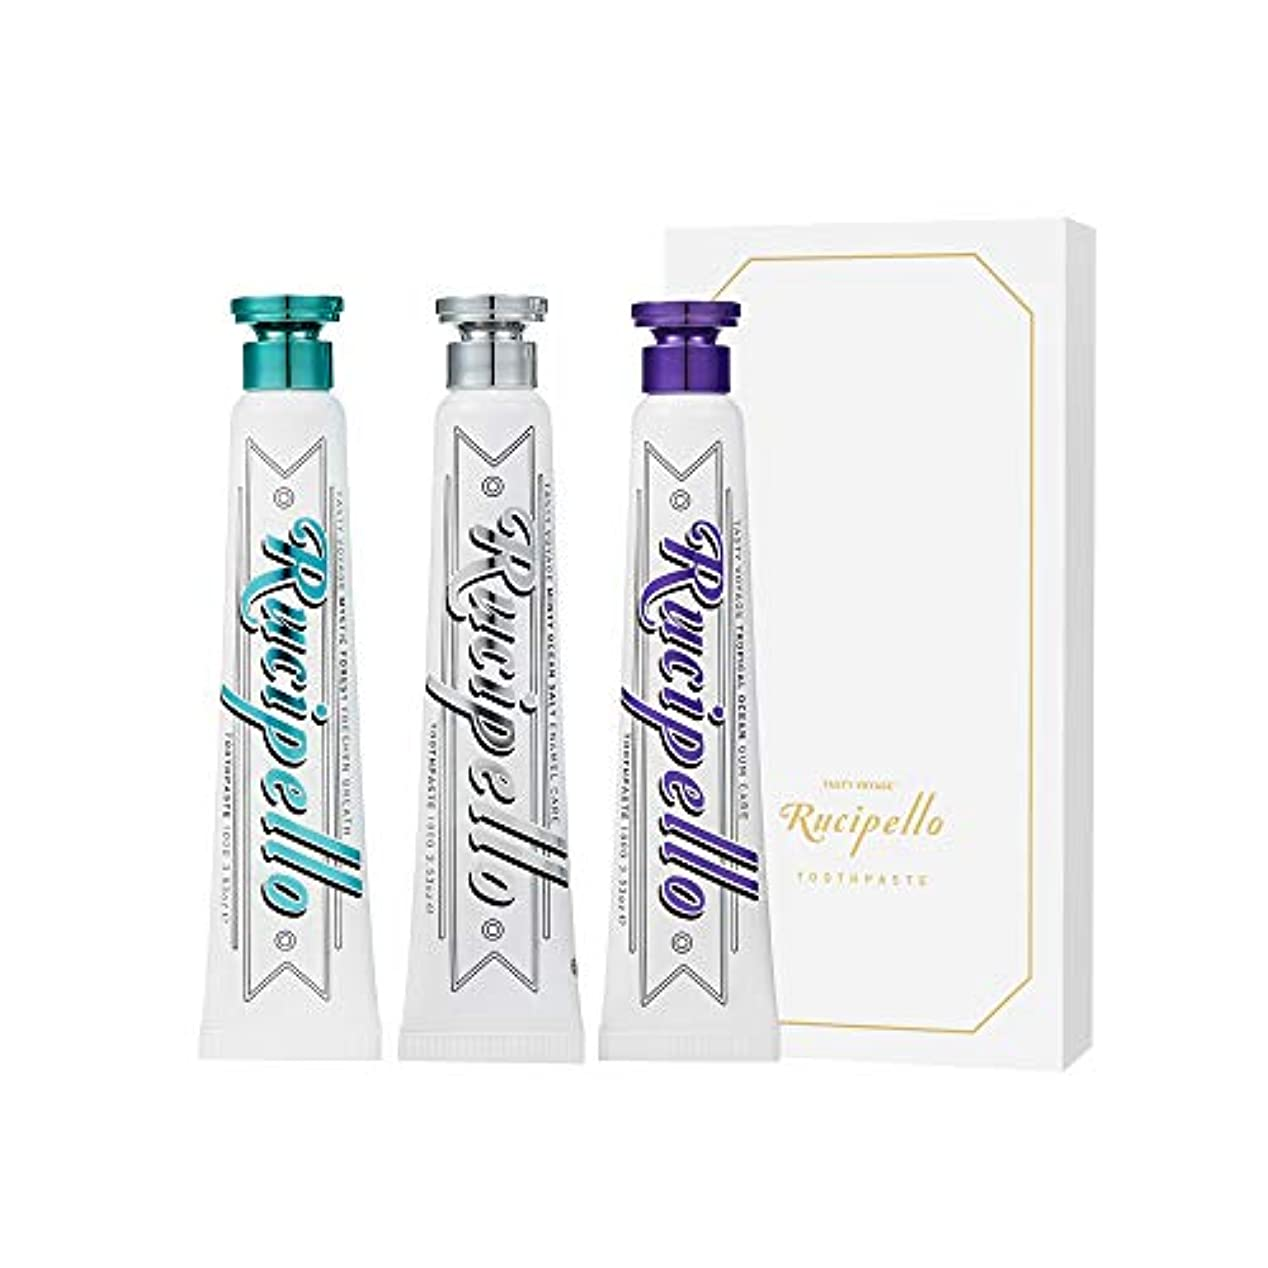 限り正確に促進する[ルチペッロ] Rucipello 歯磨き粉3種のプレゼントセット 100g x 3 本 (海外直送品)